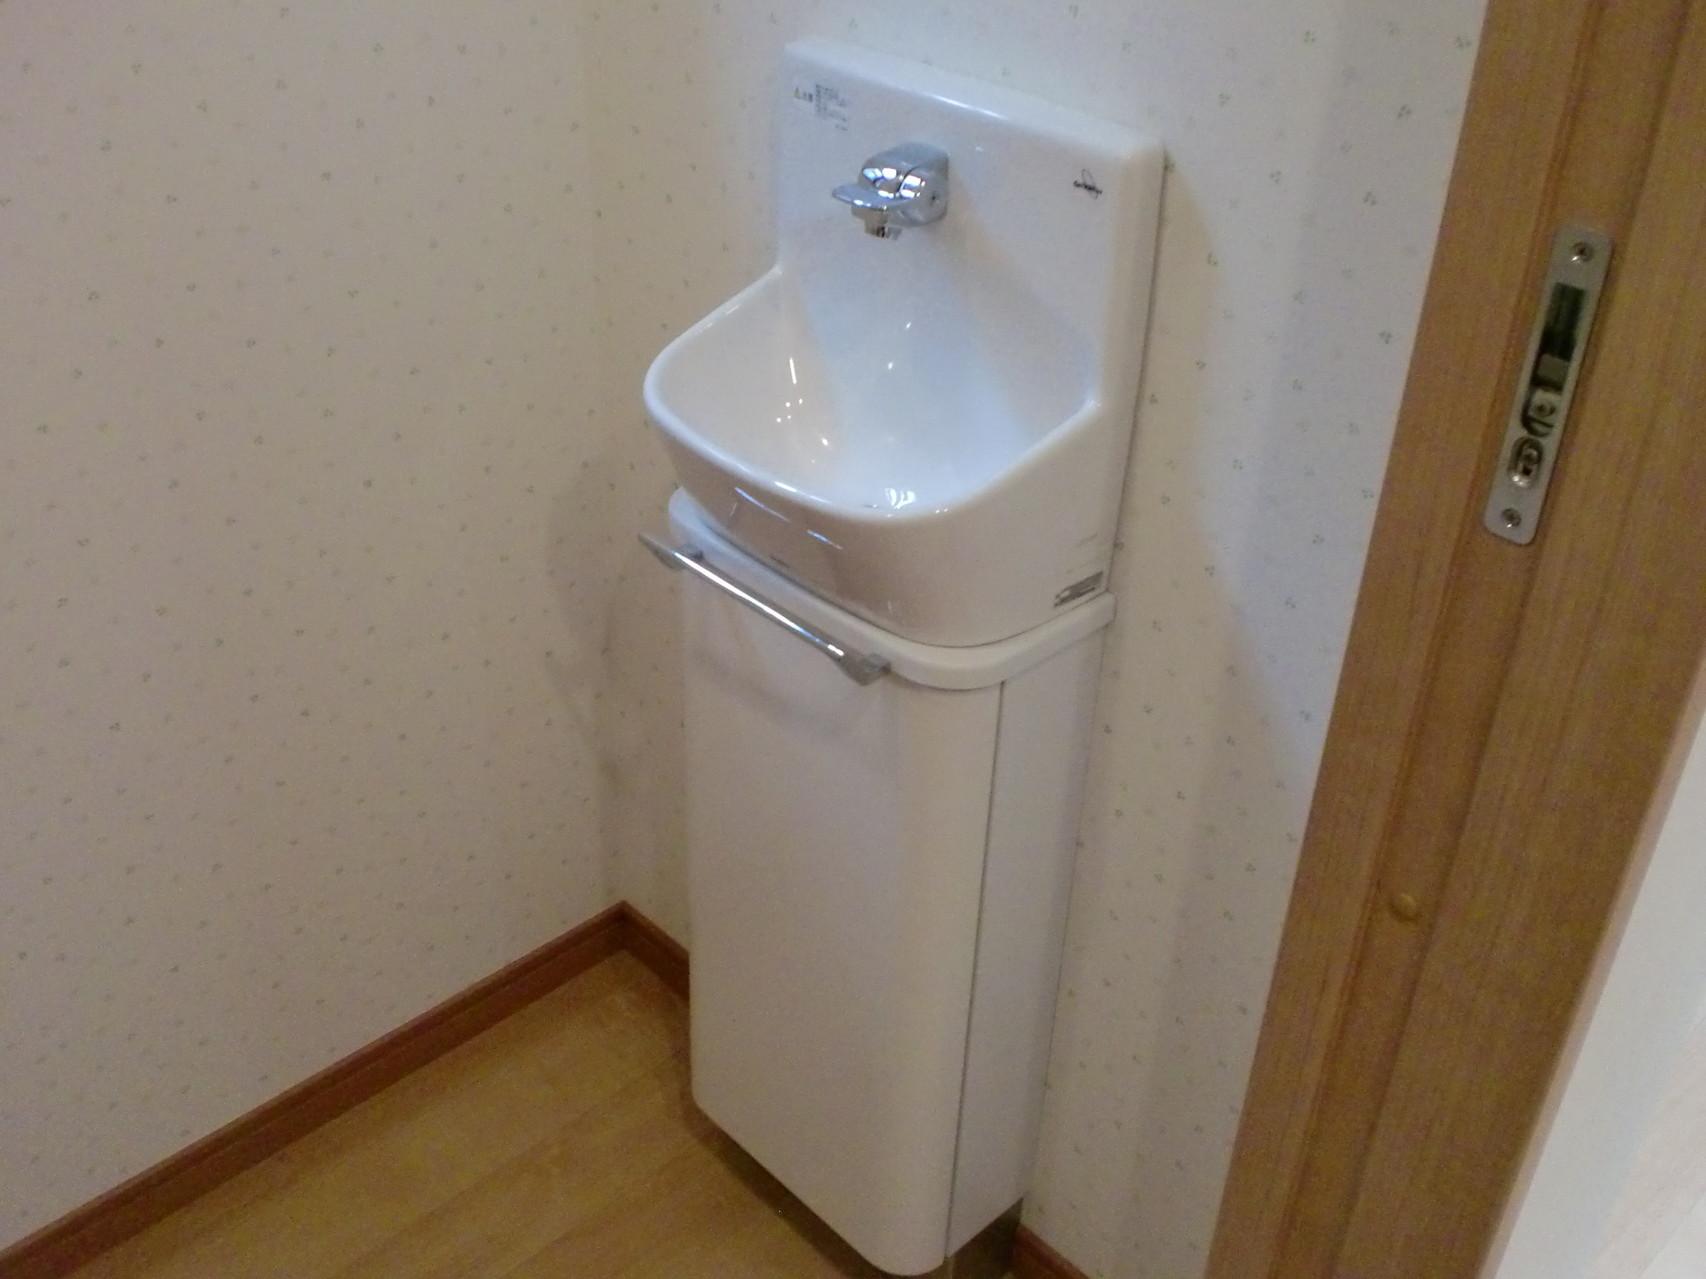 トイレ室 コンパクト手洗い器